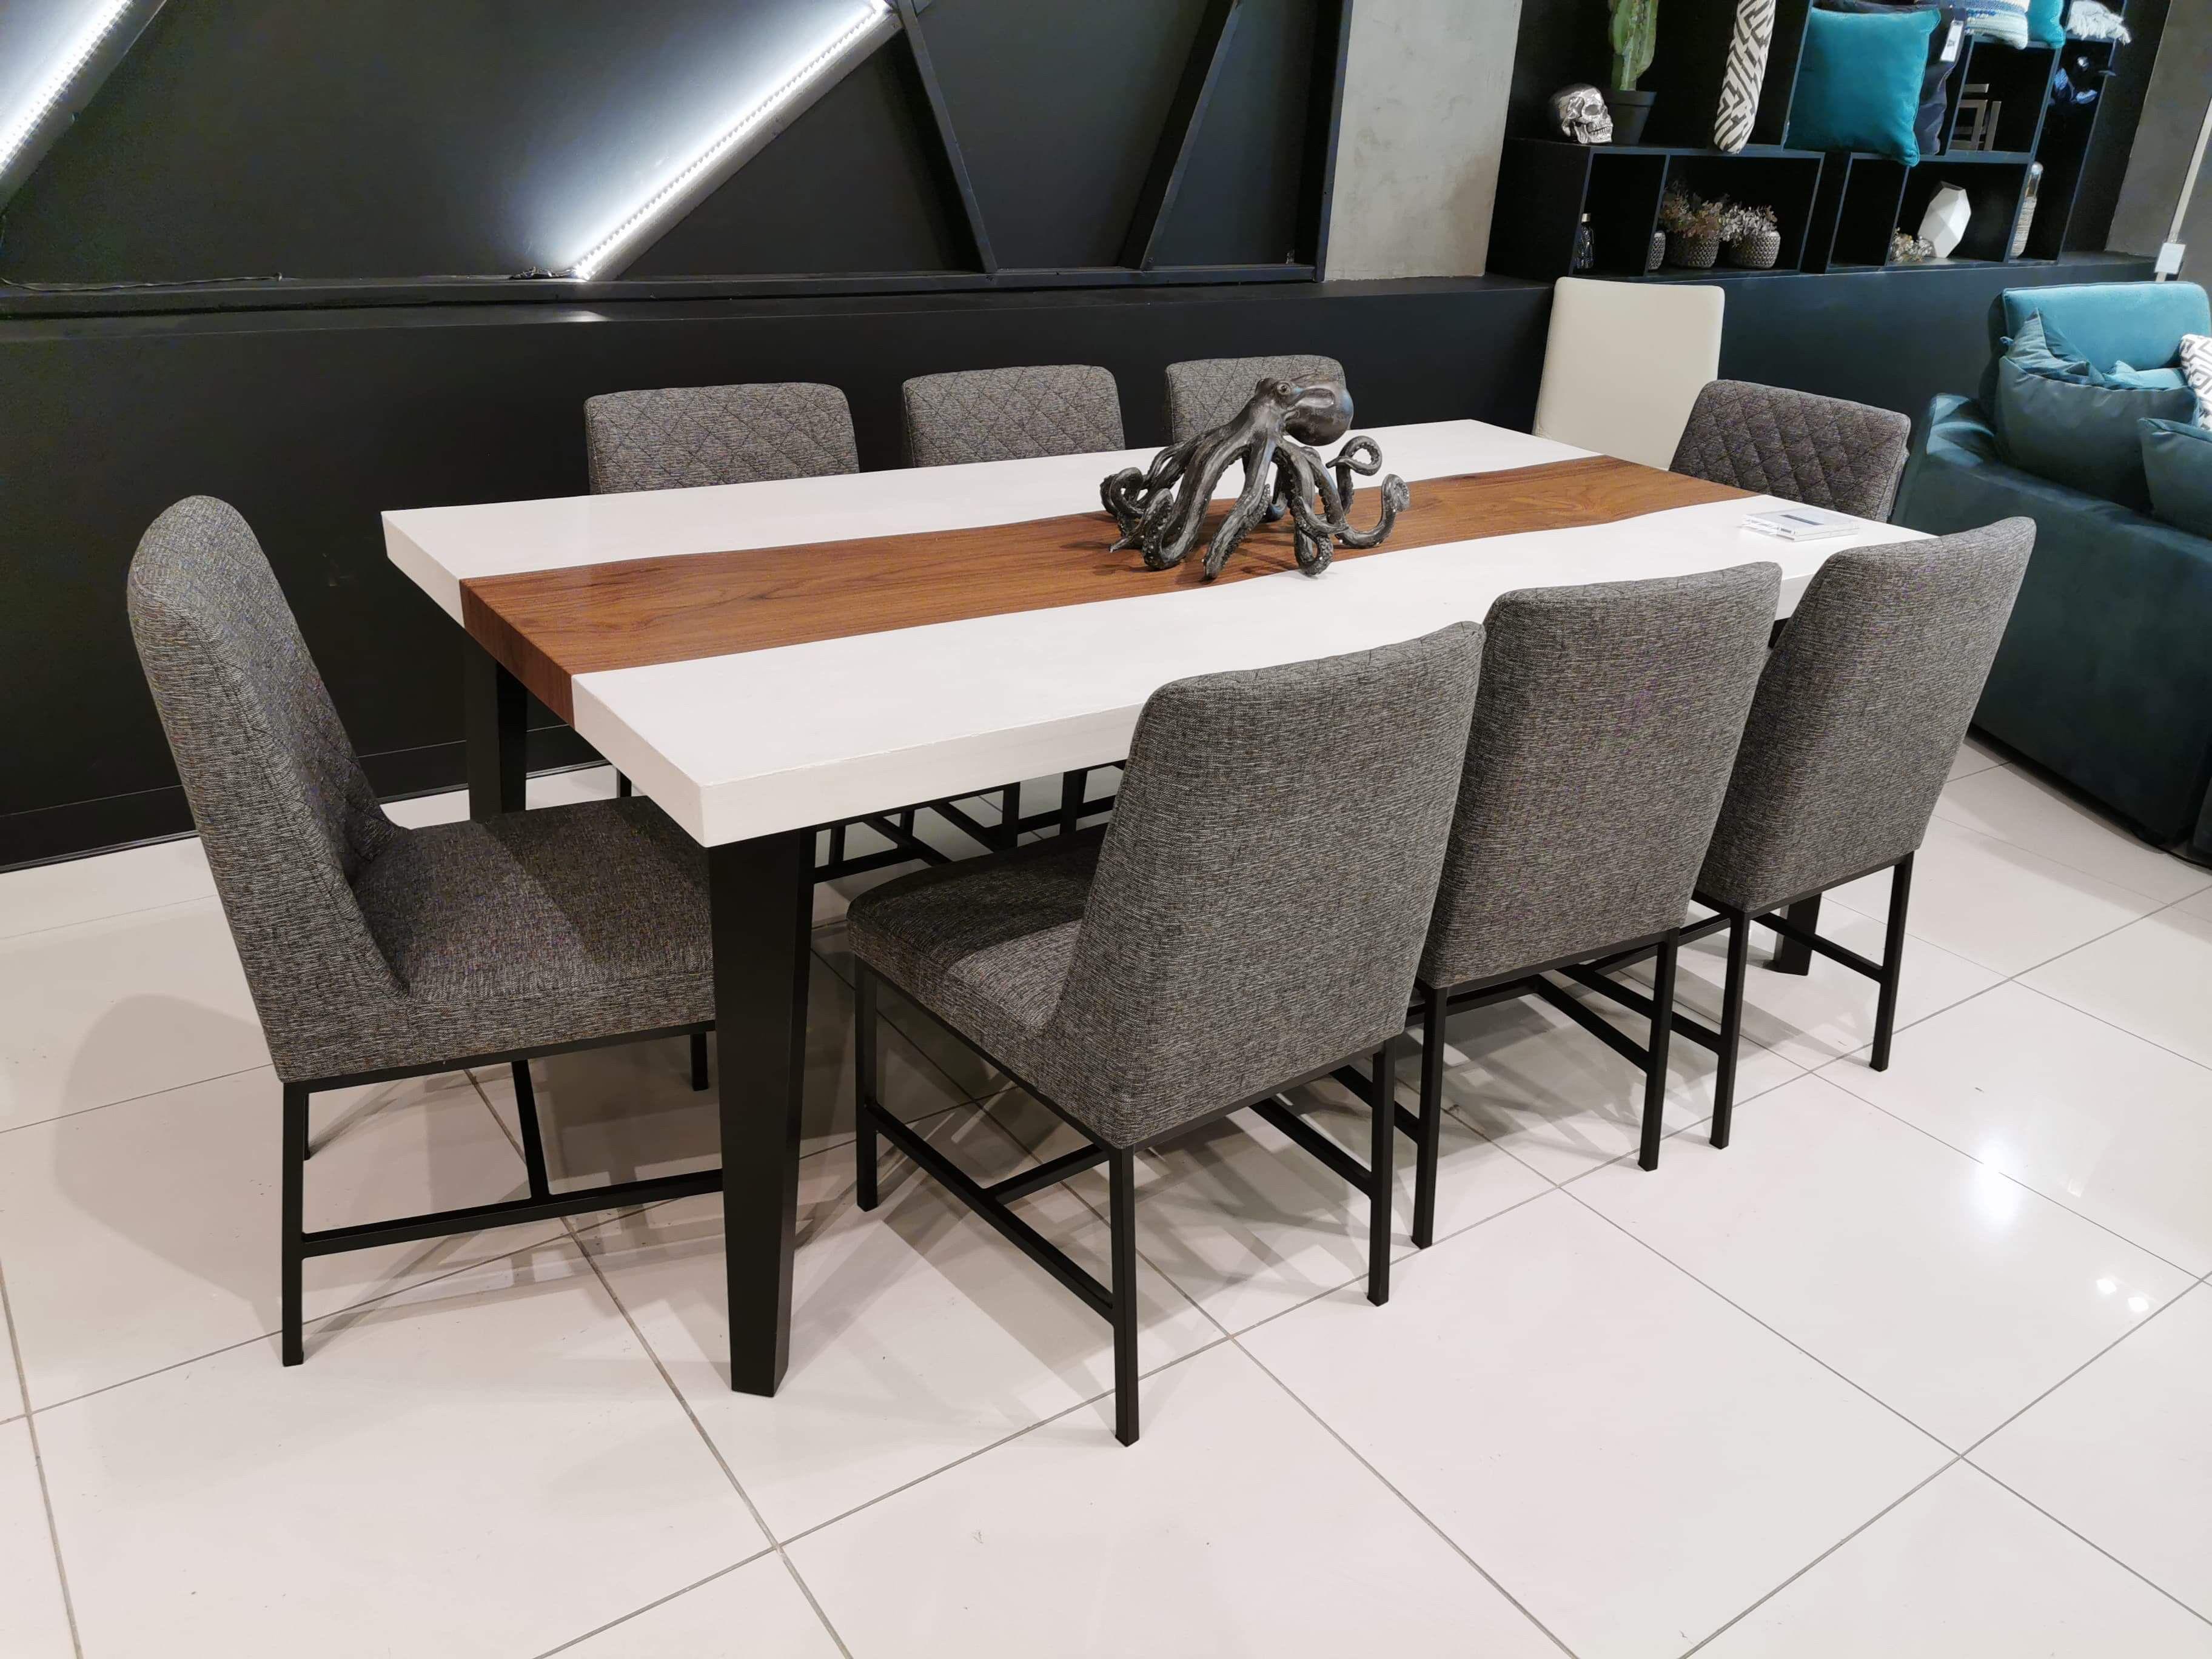 Table Kenogami Beton Poussiere De Lune Noyer 84 X 42 Chaises Marvin Tissu C 293 Surmesure Lusine Chaise Marvin Chaise Chair Table Home Decor